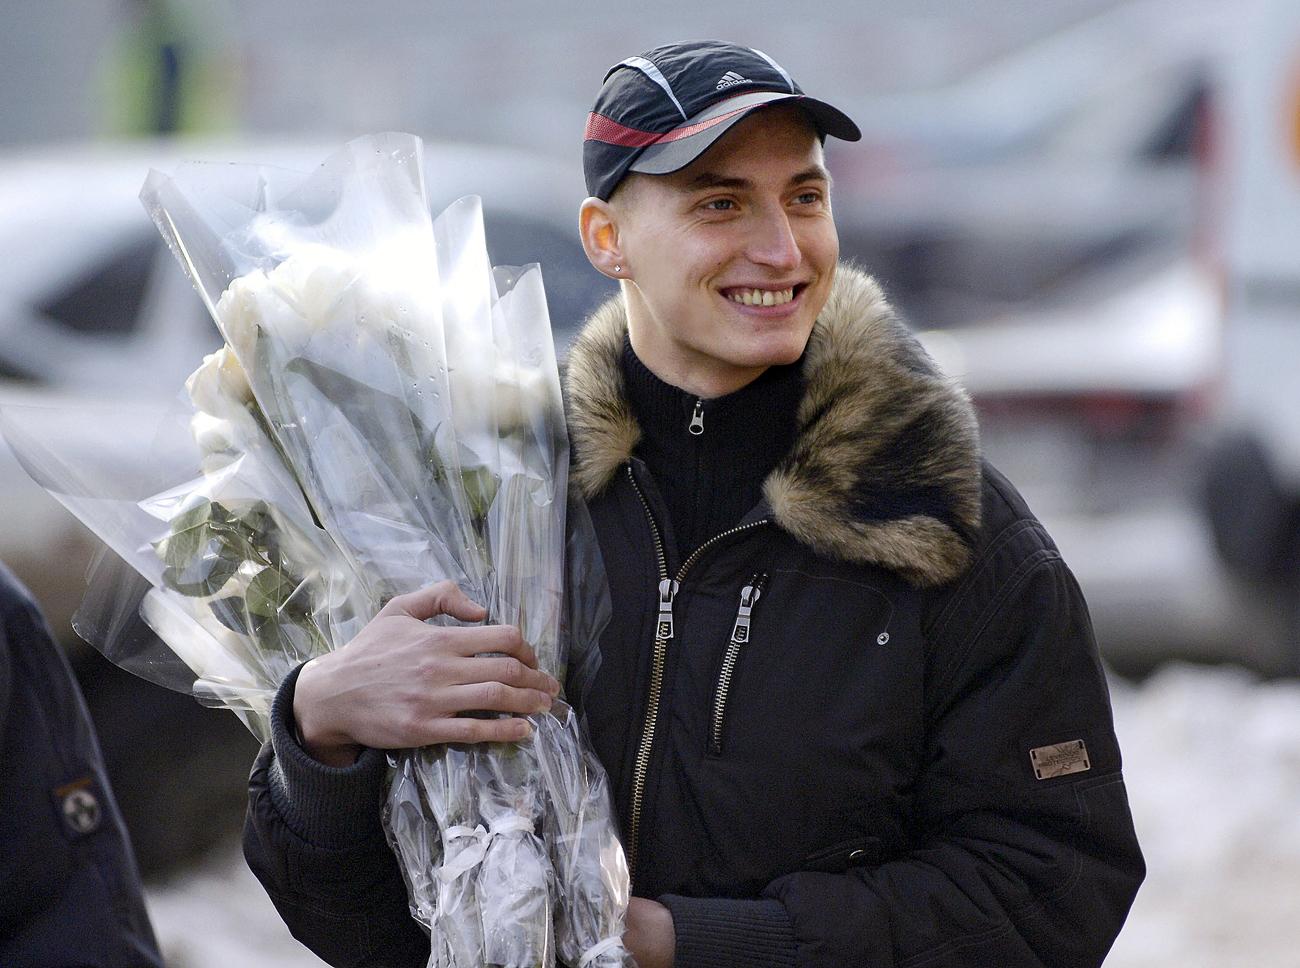 Homens russos foram apontados como uns dos menos atraentes em pesquisa recente